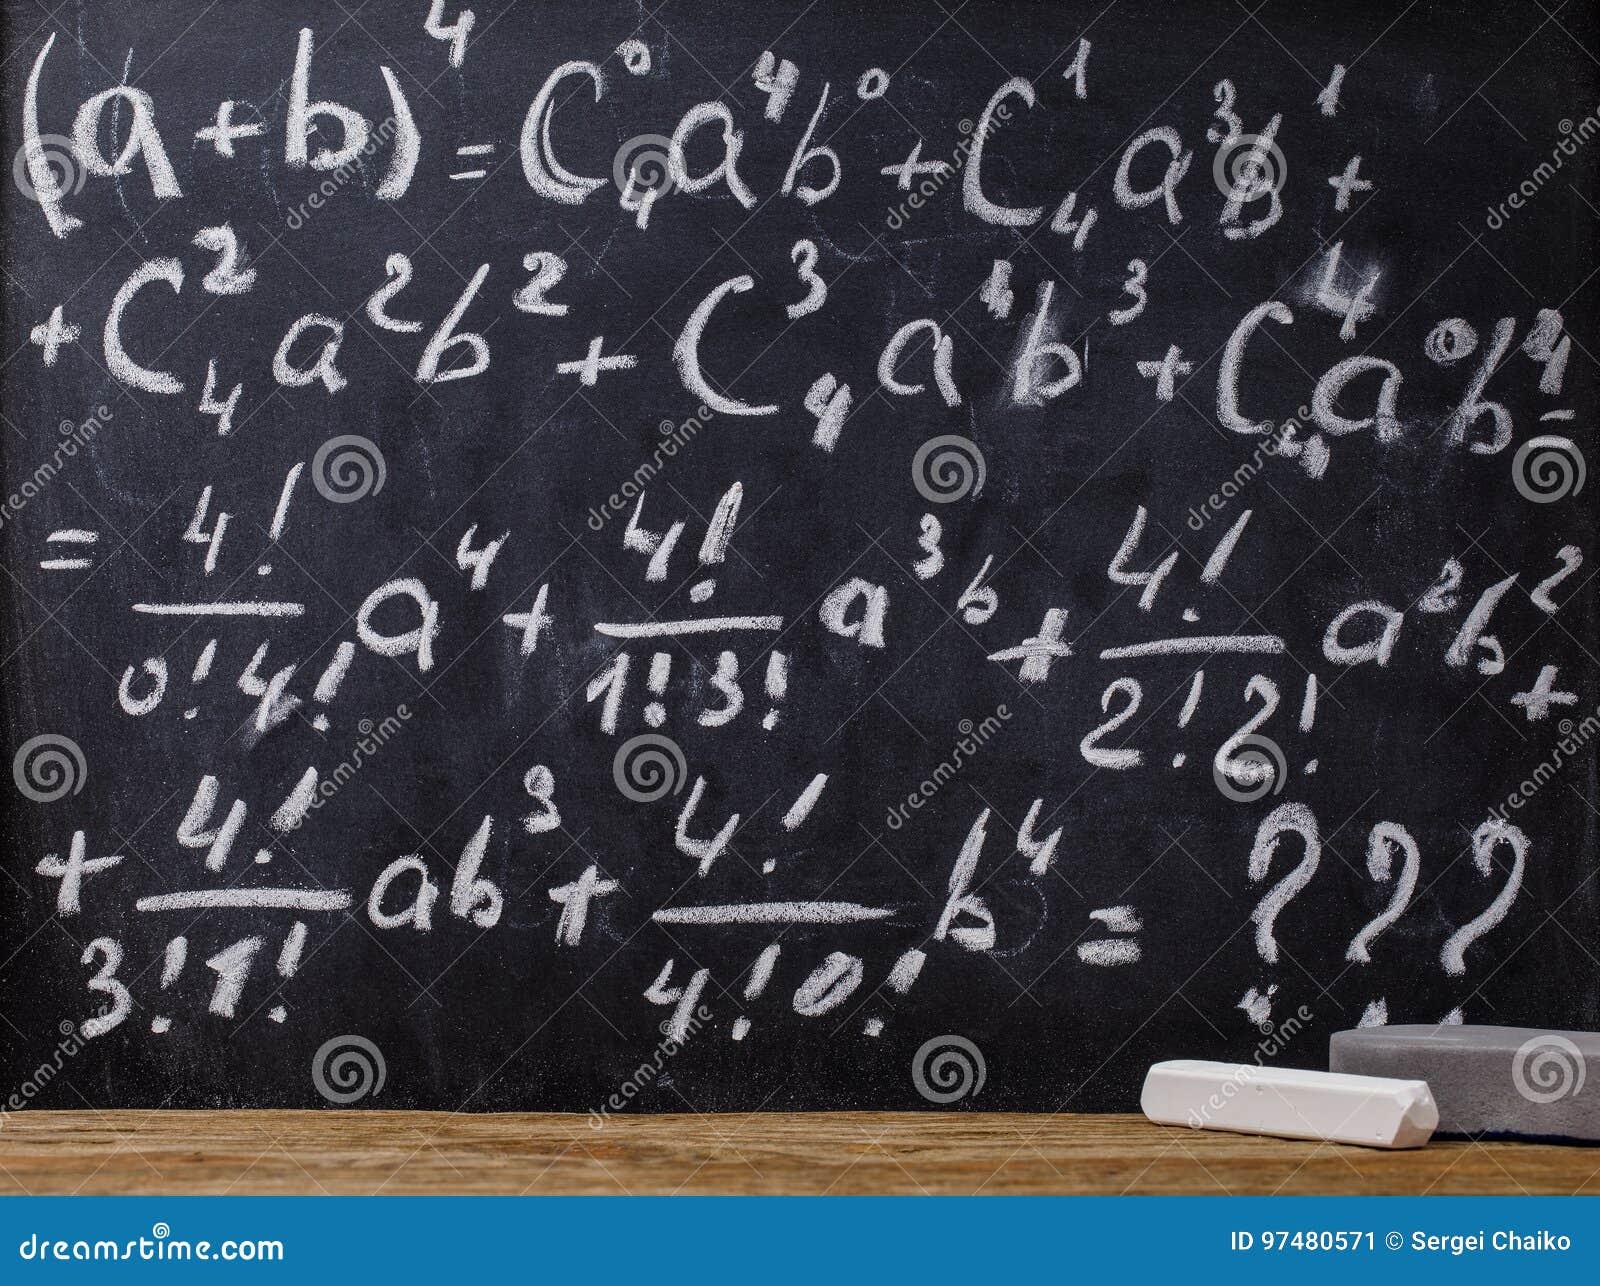 Frammento del consiglio scolastico con la formula